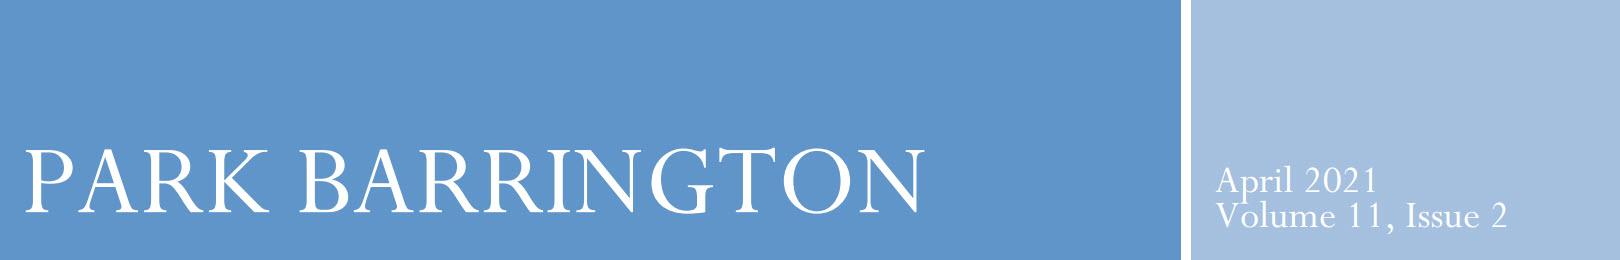 Park Barrington Newsletter